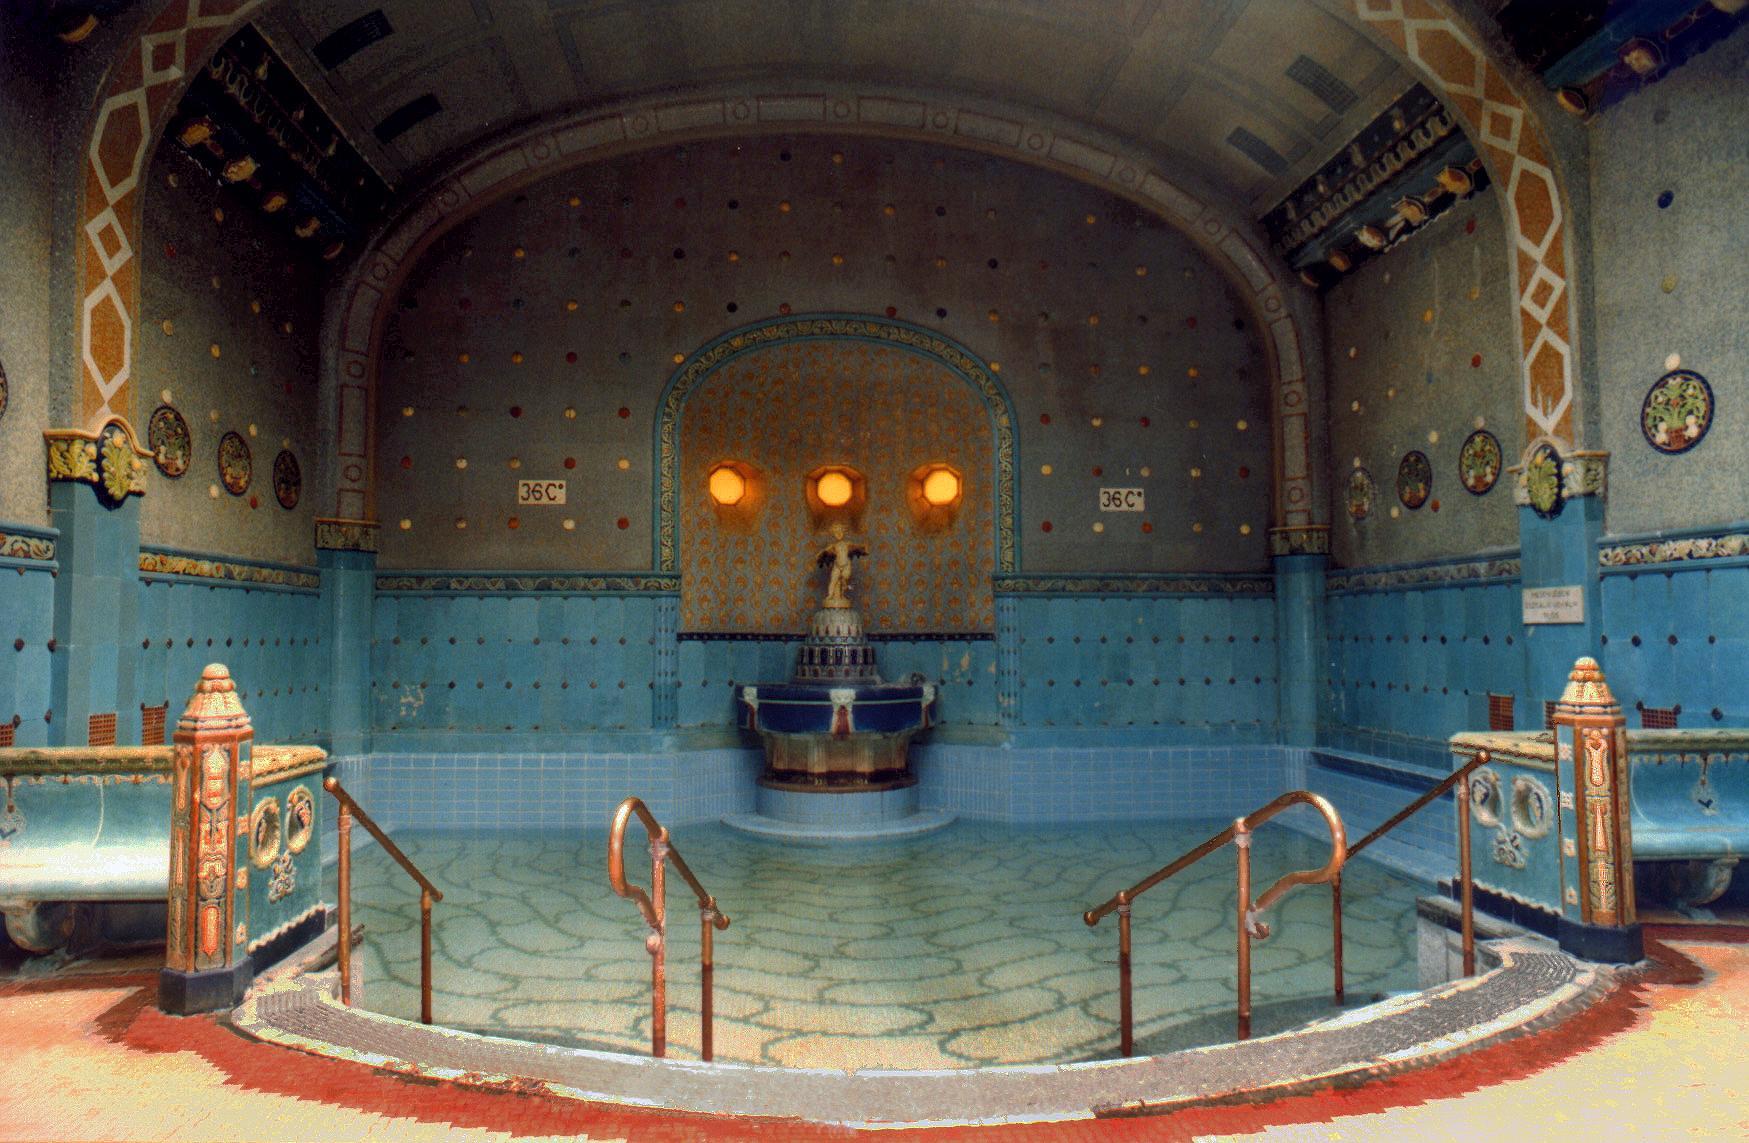 حمام و آبگرم معروف بوداپست